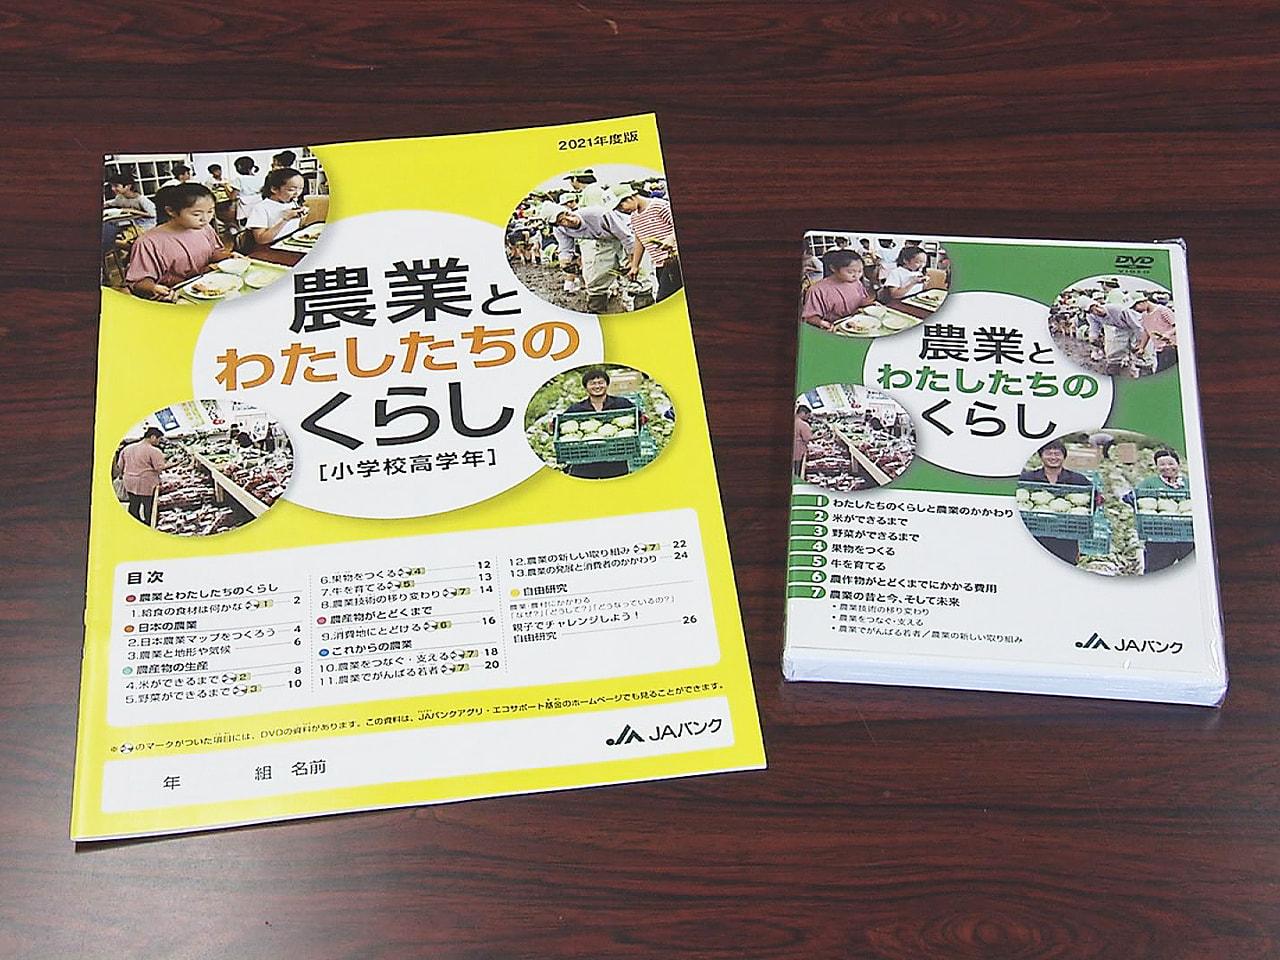 子どもたちに食と農業についての理解を深めてもらおうと、JA岐阜信連から岐阜県に教...